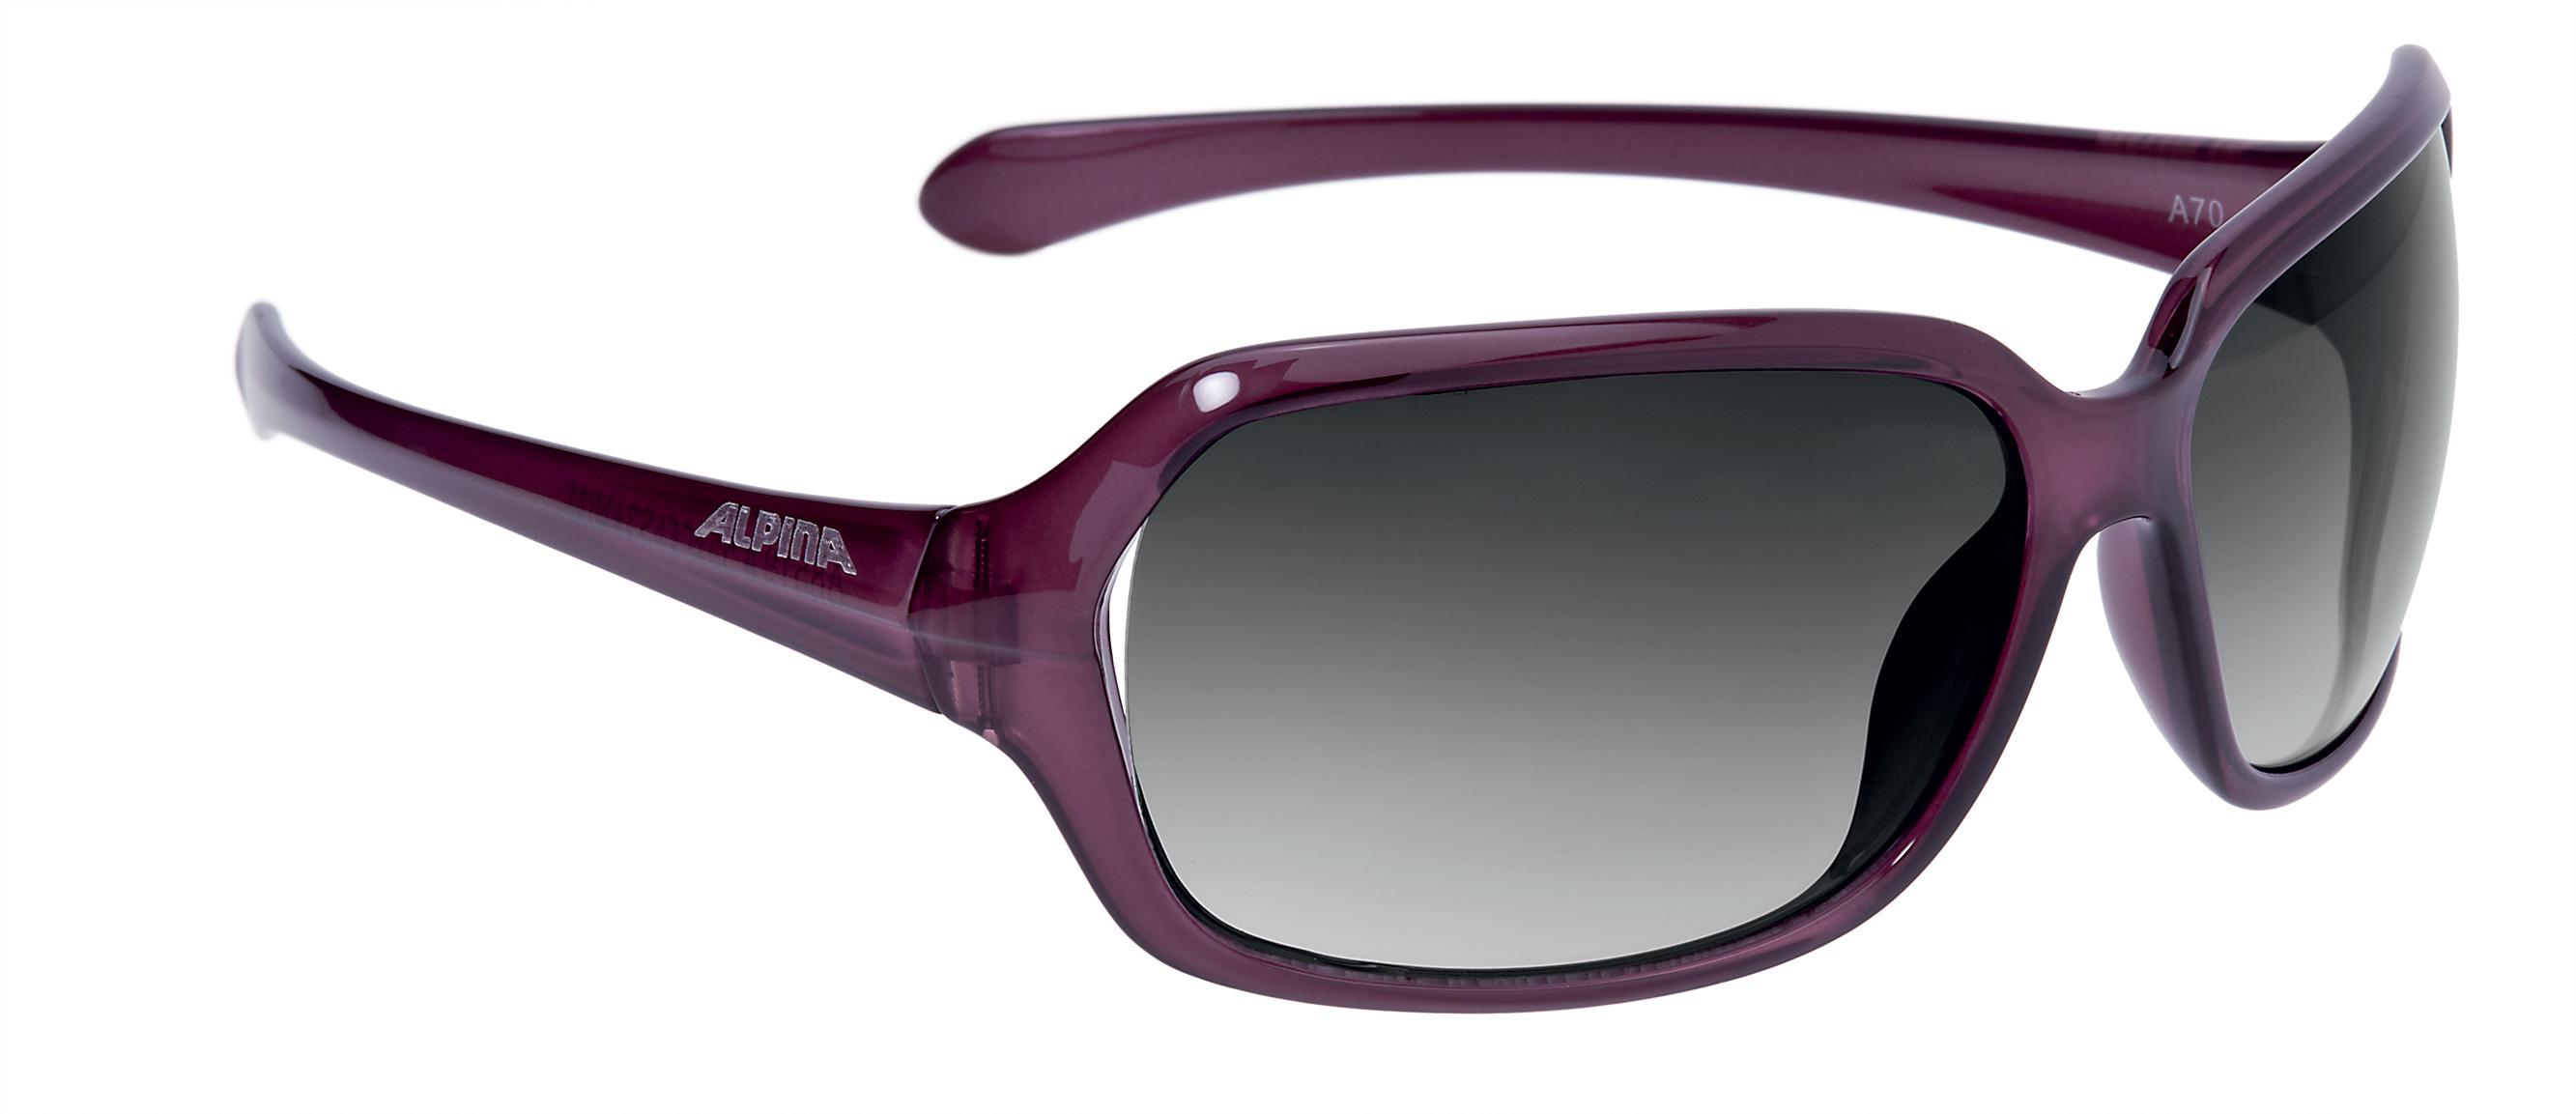 Очки солнцезащитные Alpina 2017 A 70 dark rose transparent 1225849  - купить со скидкой